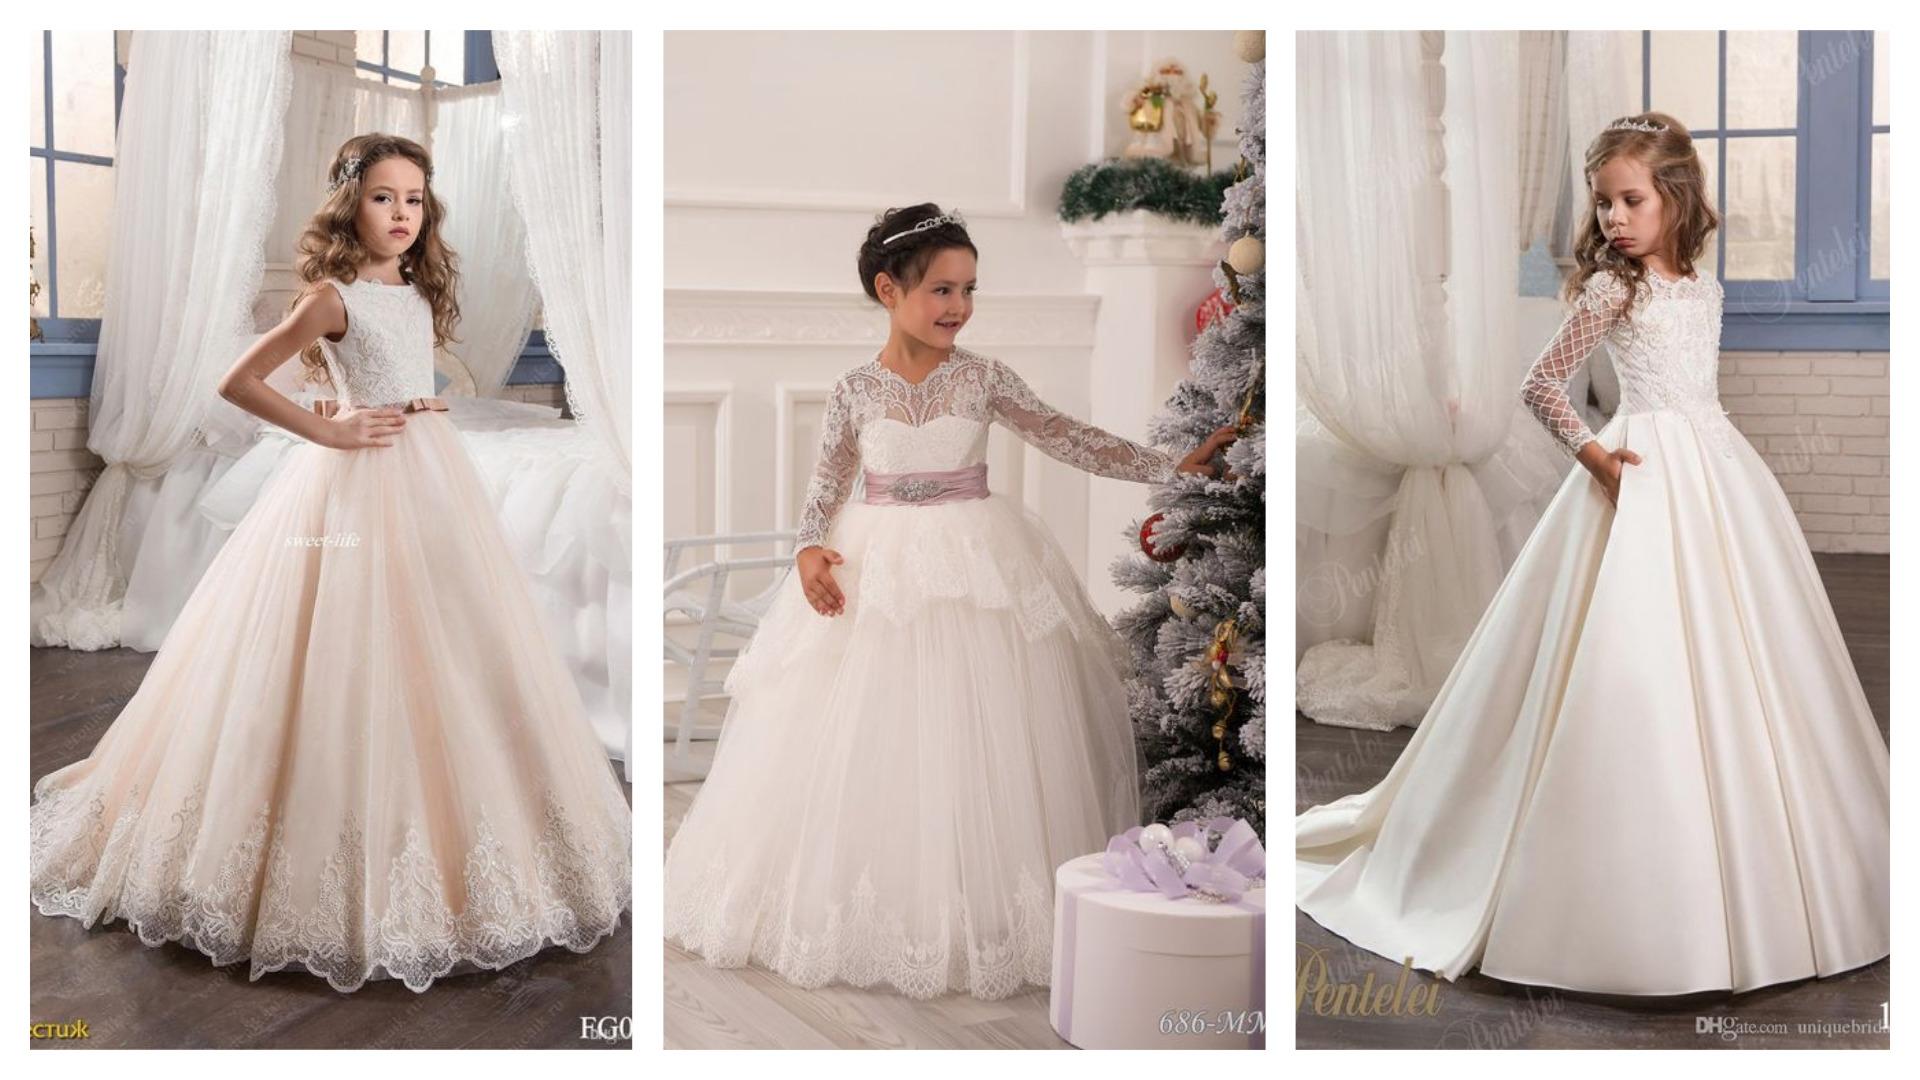 Дитячі сукні до першого причастя  dd4494ecd46b3